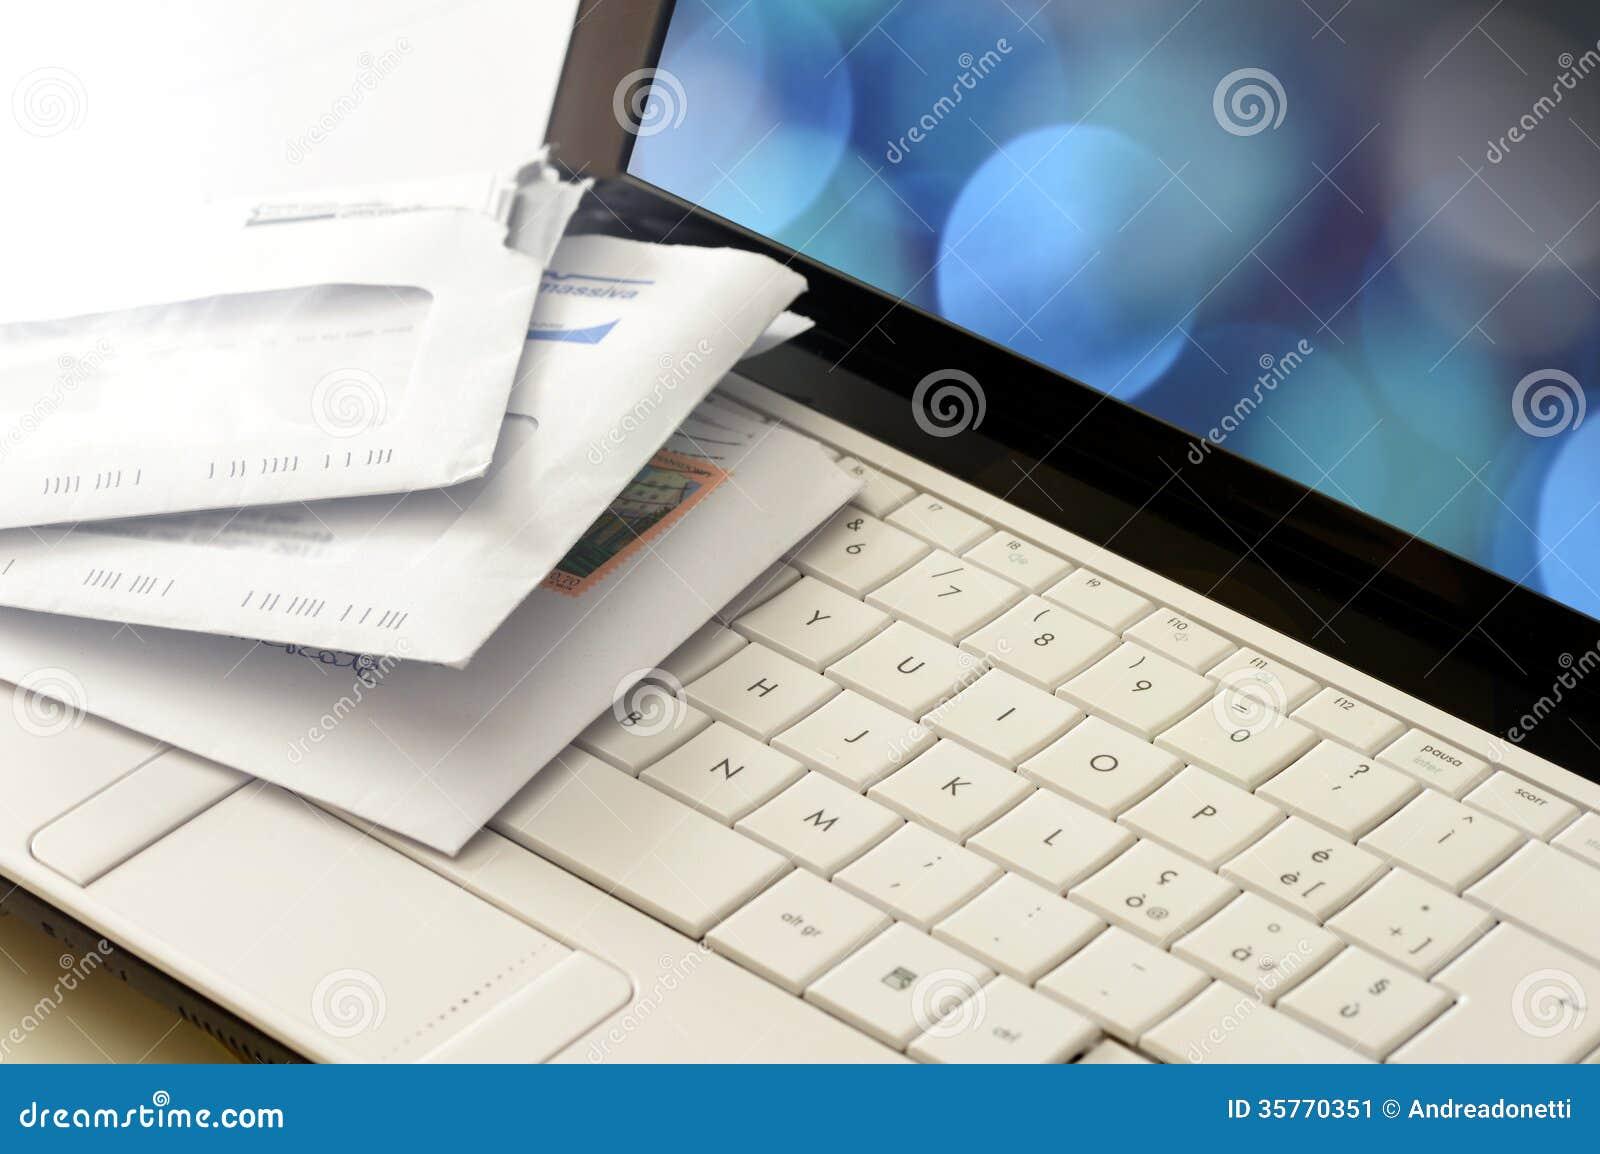 Posts del snail mail en un teclado de ordenador